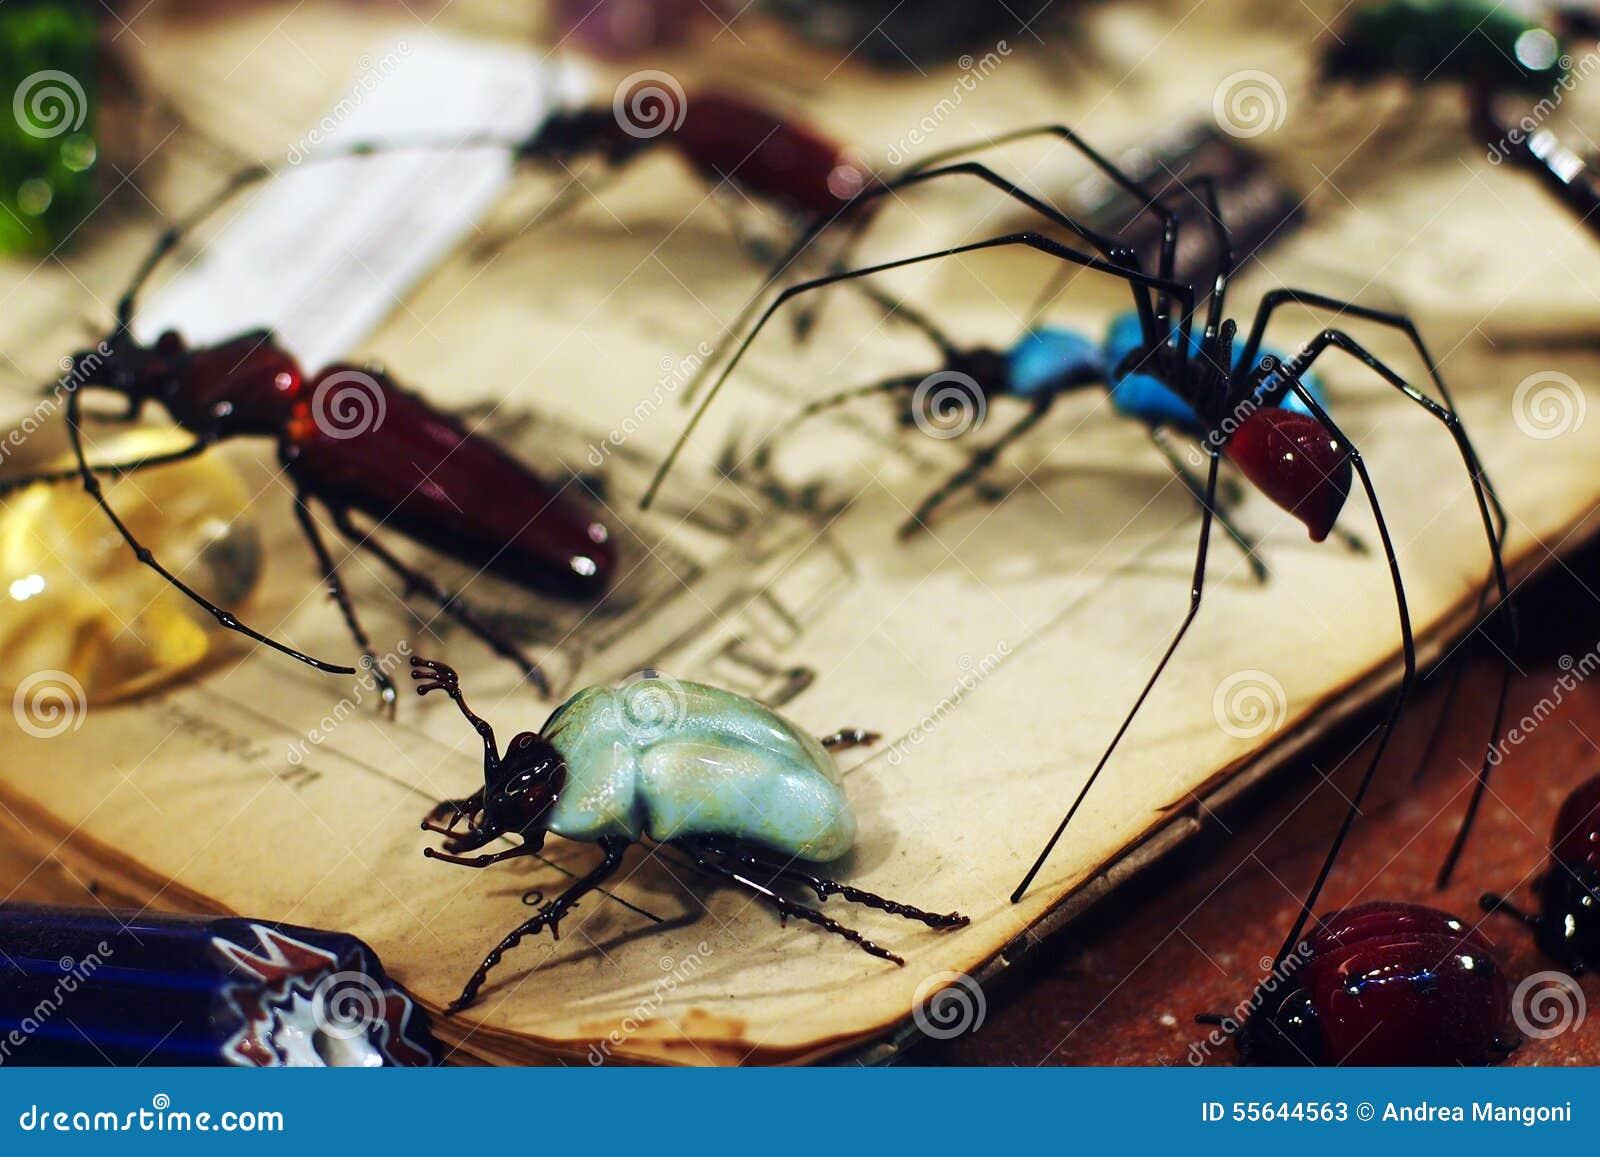 Recuerdo veneciano - insectos de cristal